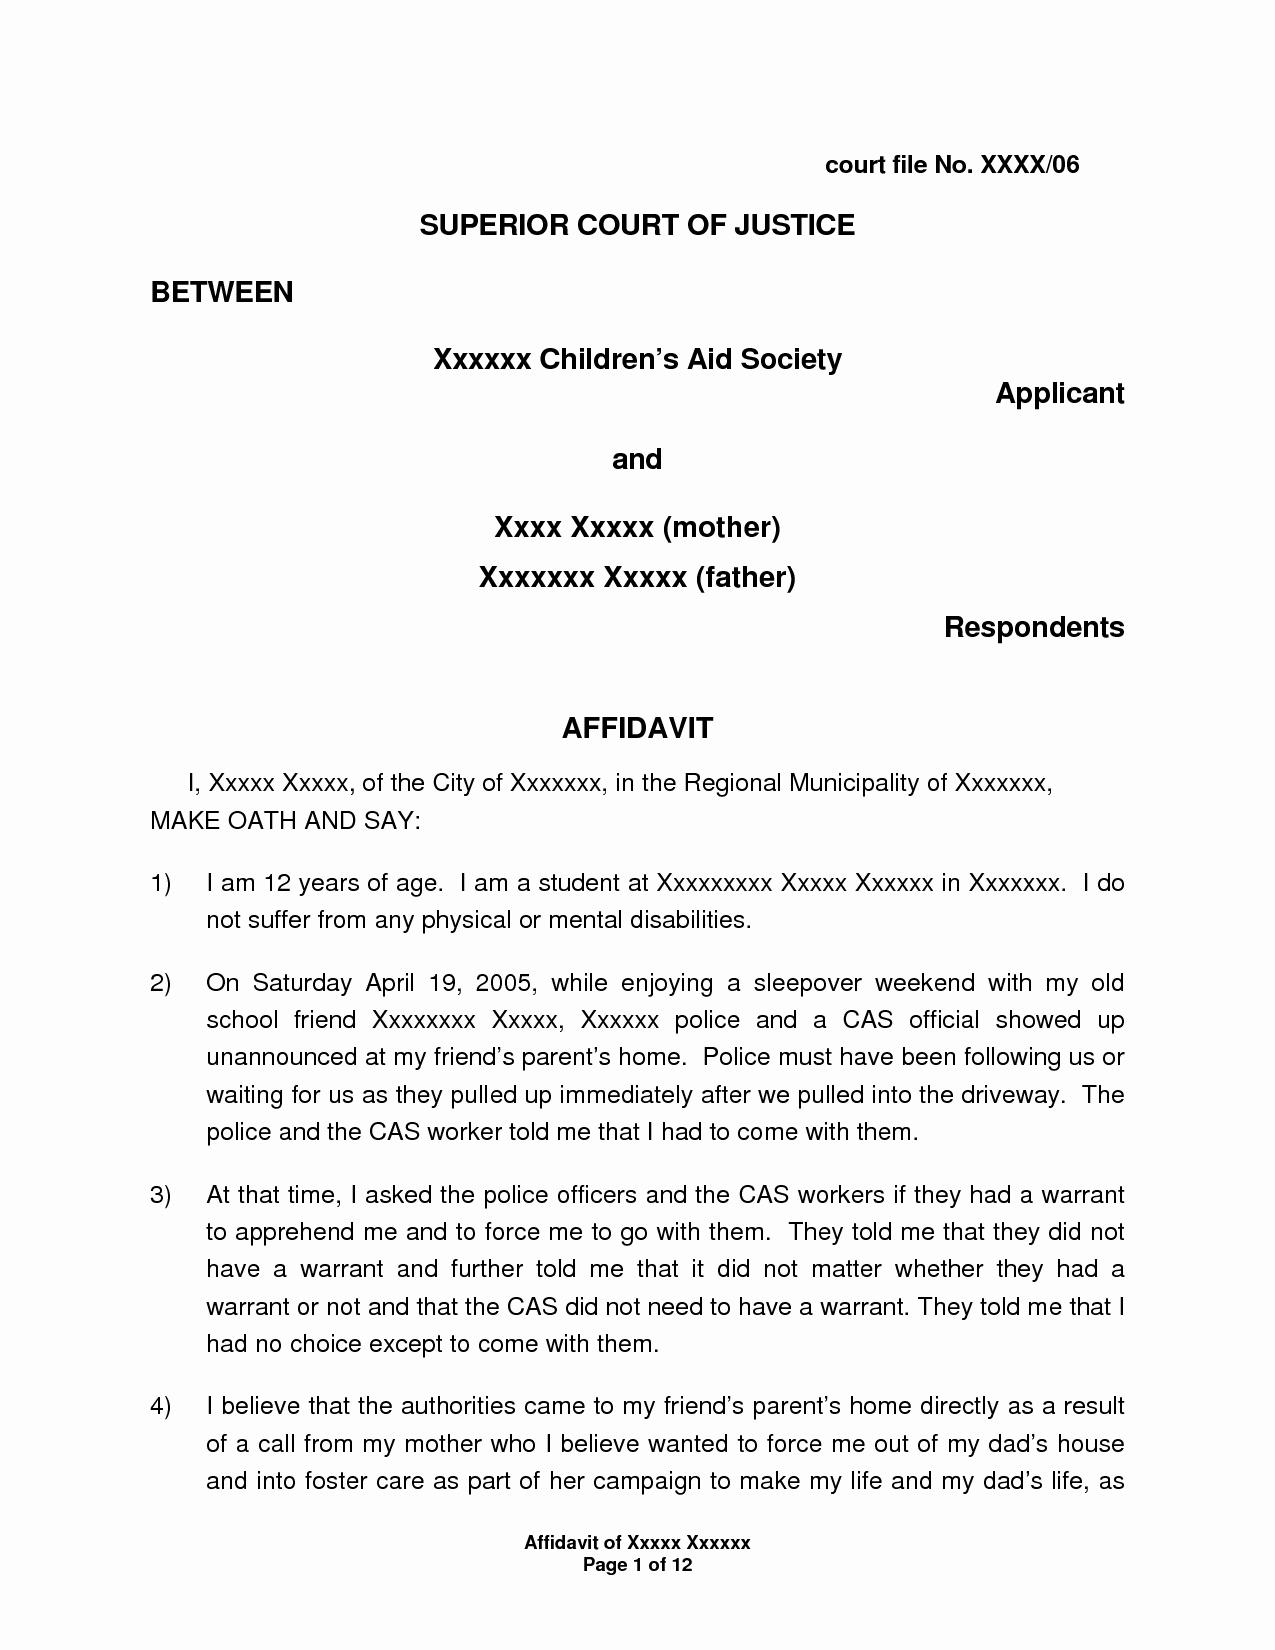 Letter Of Affidavit Of Support Elegant Letter Affidavit Sample for Immigration Support